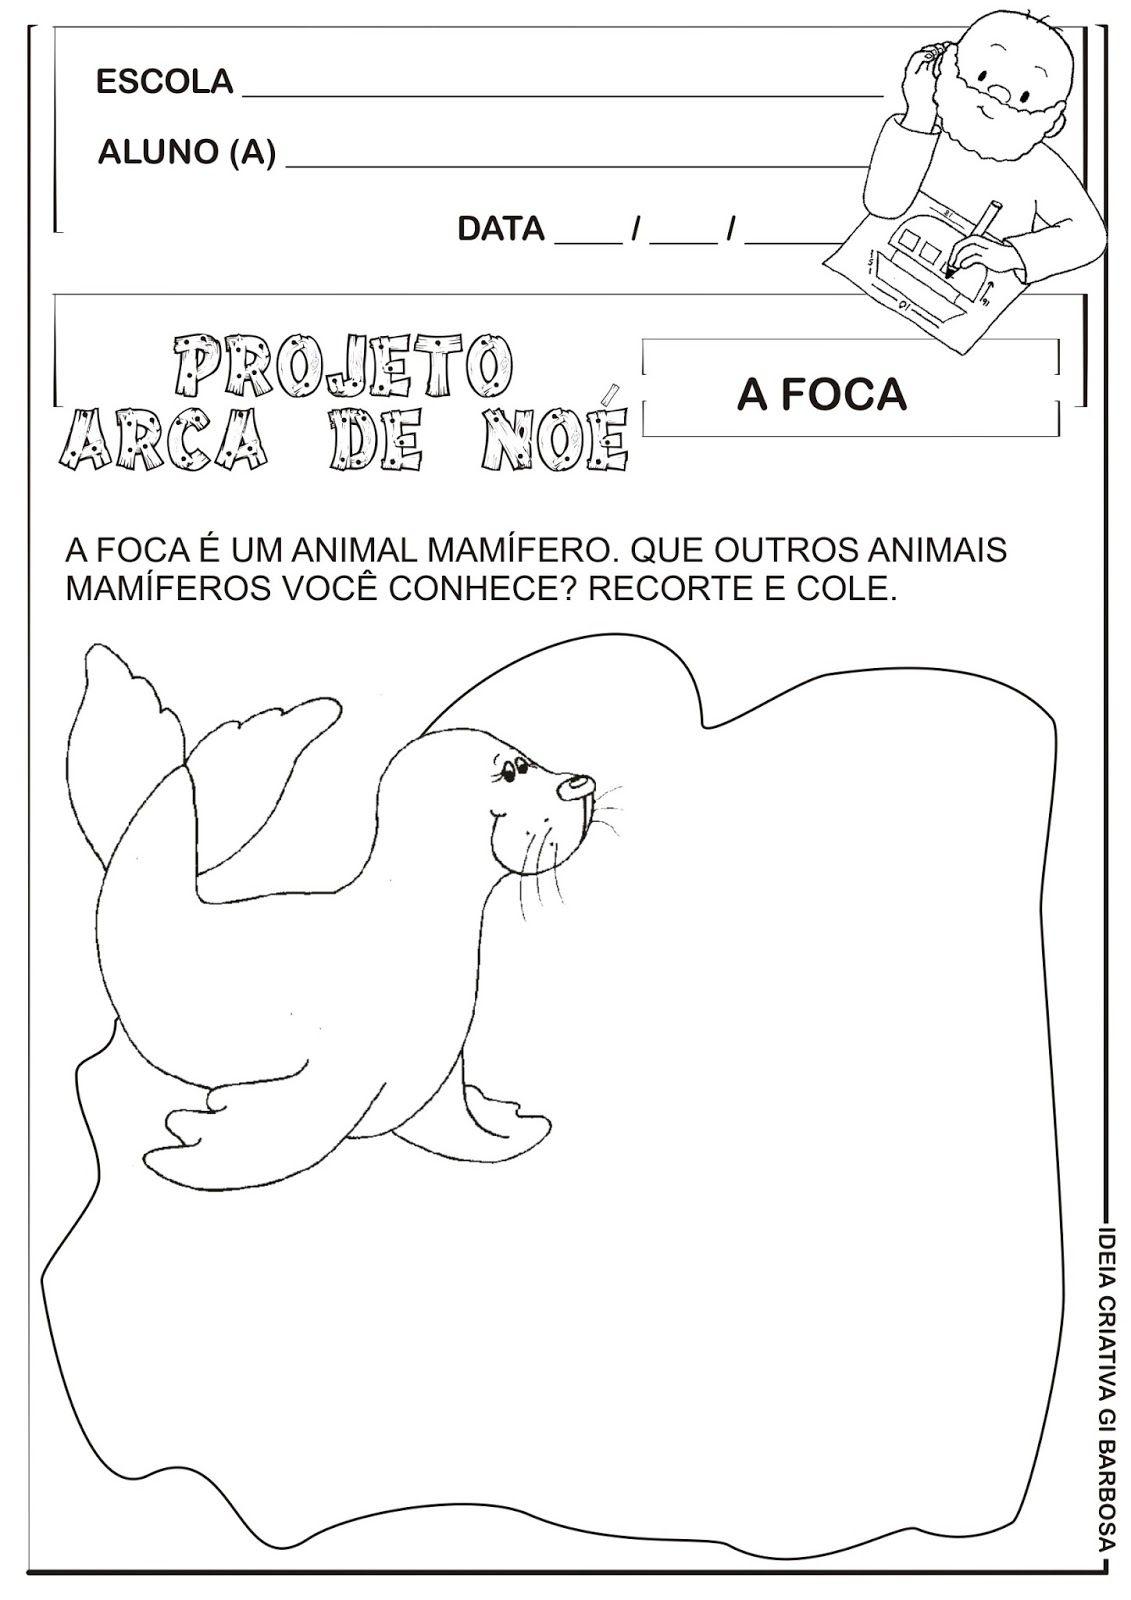 Atividade A Foca Projeto Arca De Noe Vinicius De Moraes Animais